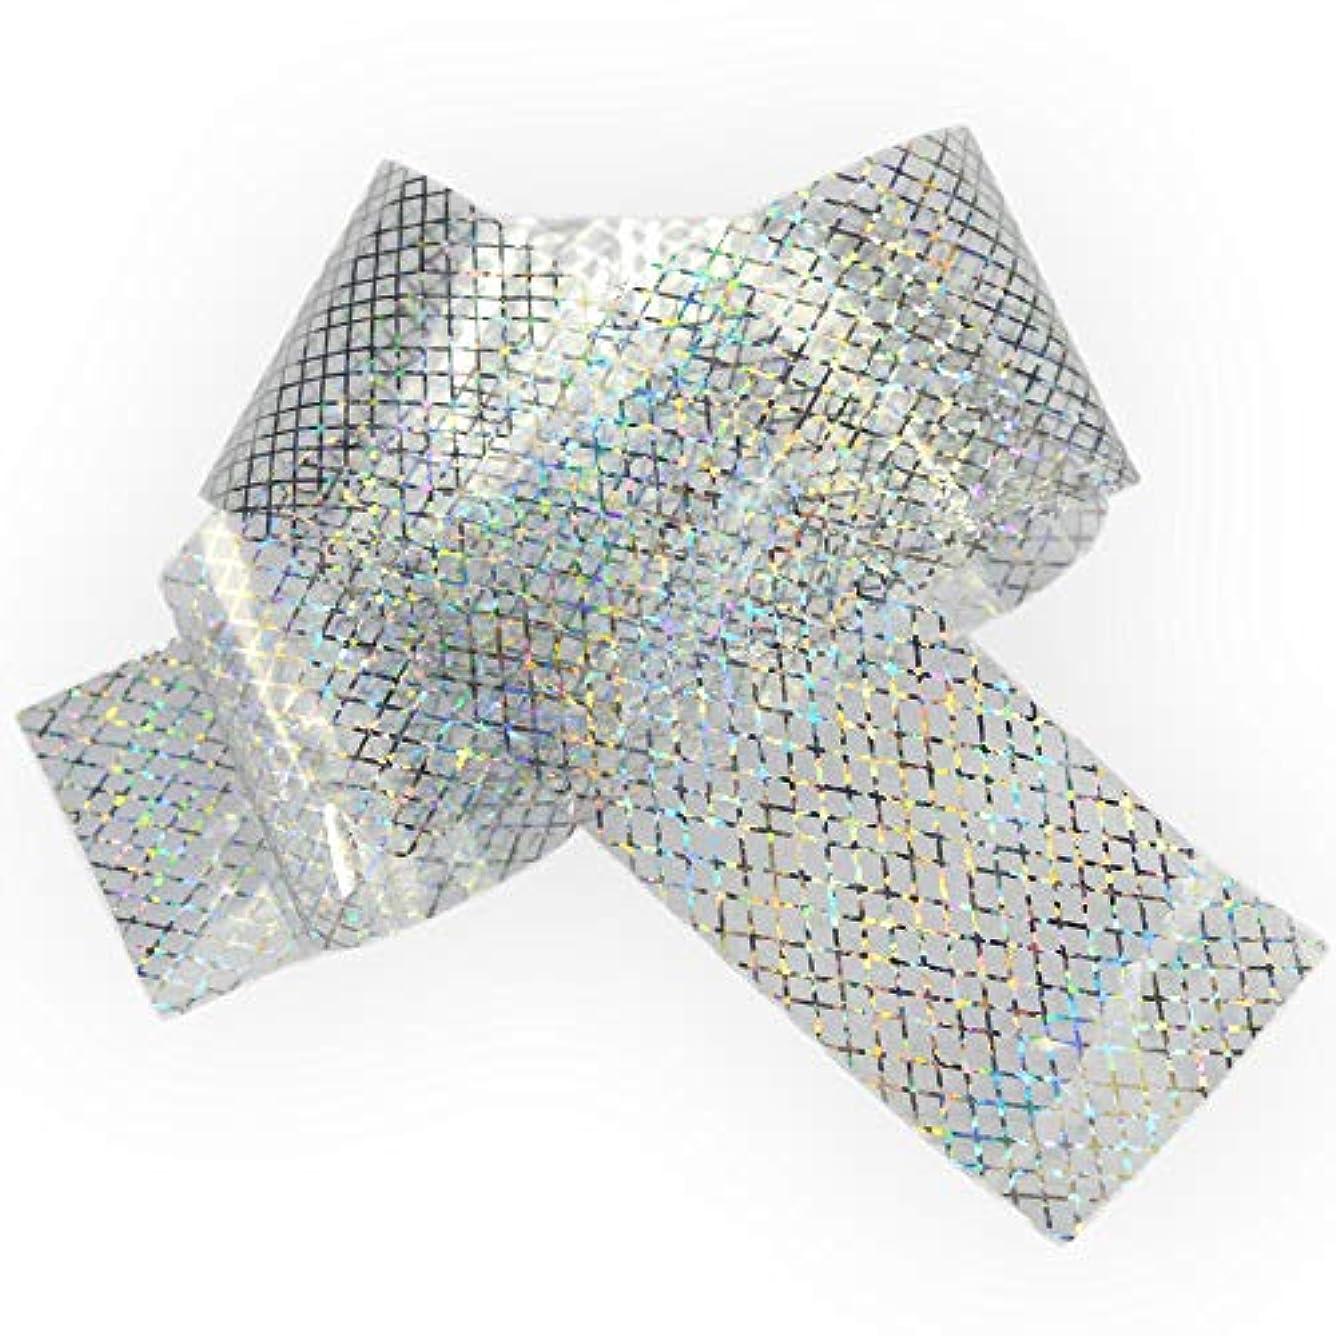 銀メディカル雑種100x4cmホログラフィック星空ネイル箔レーザーラインネイルアート転送ステッカーシャイニーネイルジュエリーアクセサリー